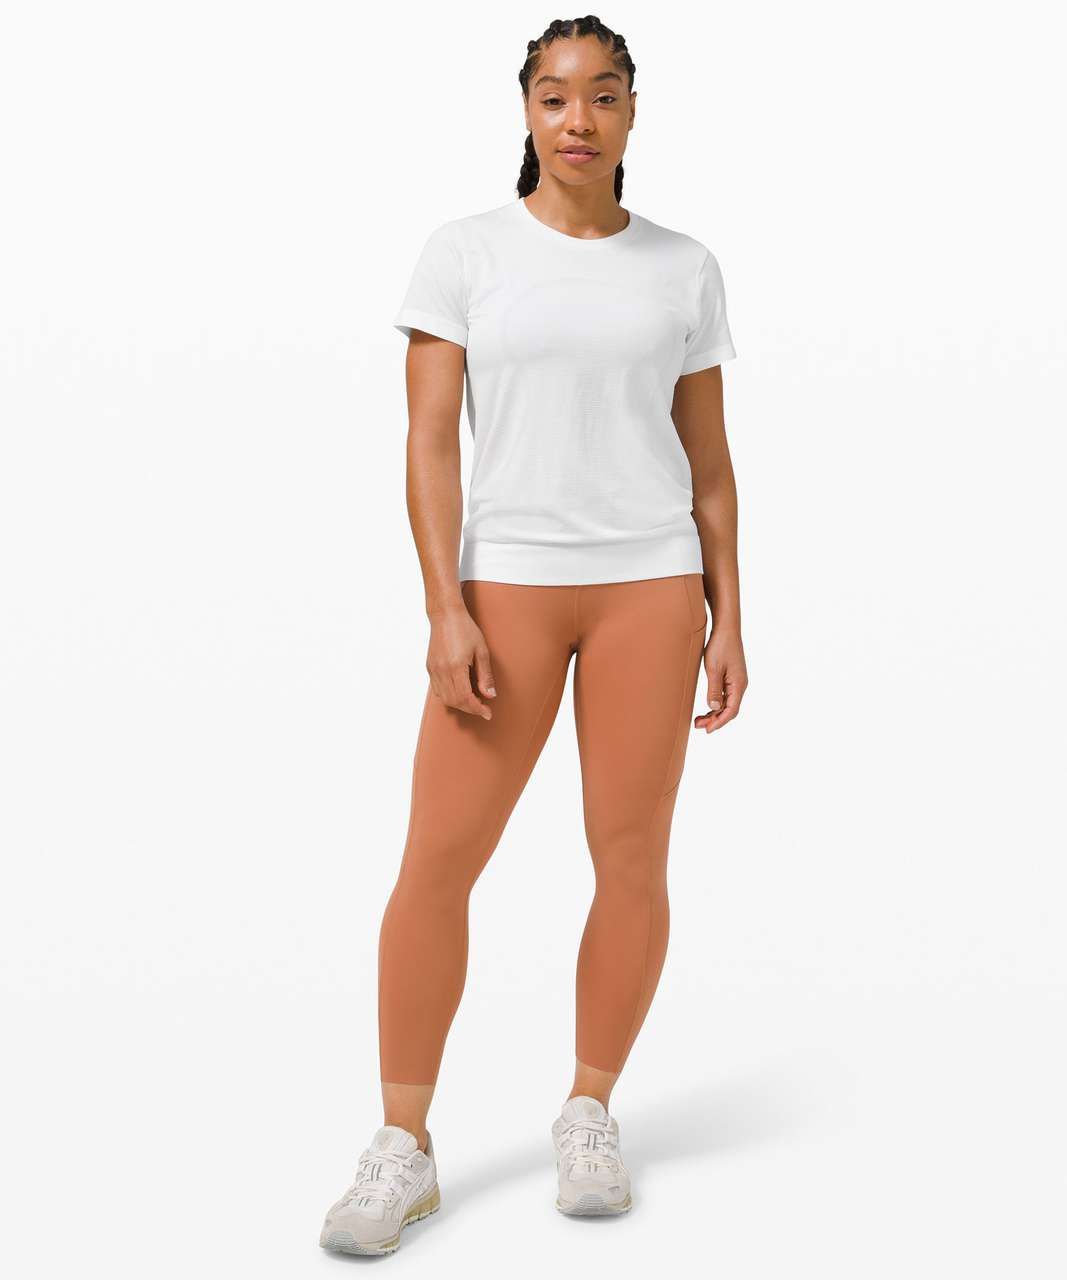 Lululemon Swiftly Breathe Short Sleeve Shirt - White / White